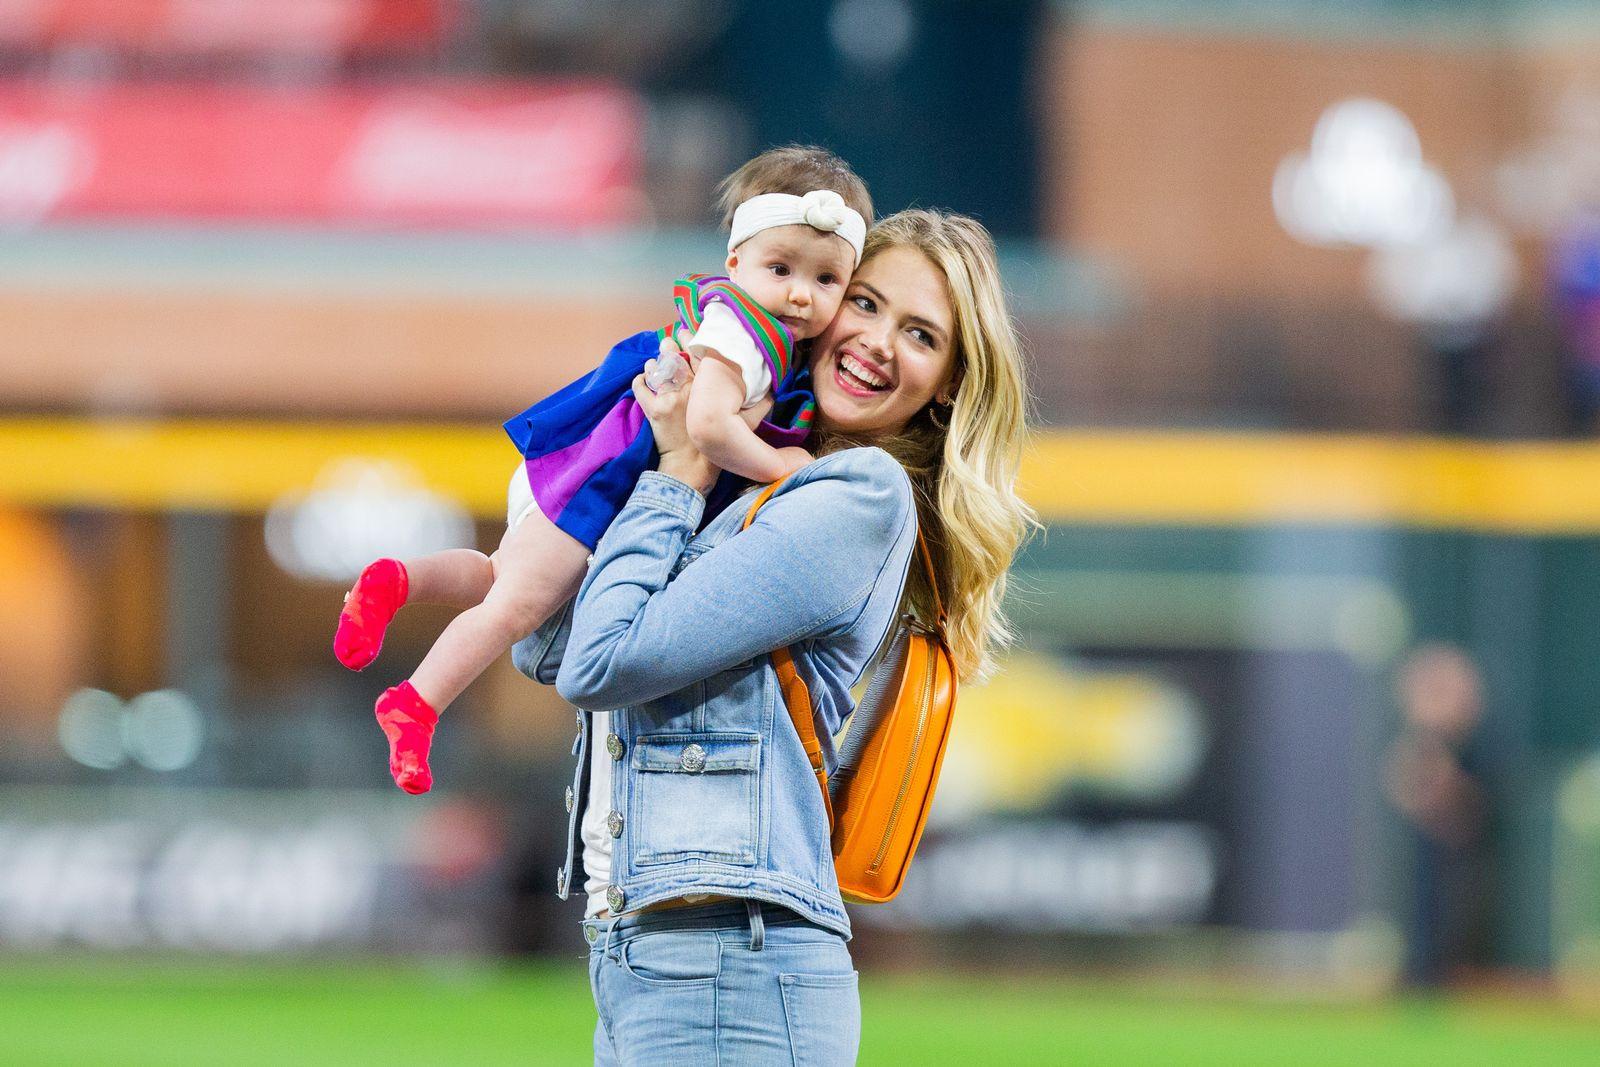 MLB: SEP 22 Angels at Astros